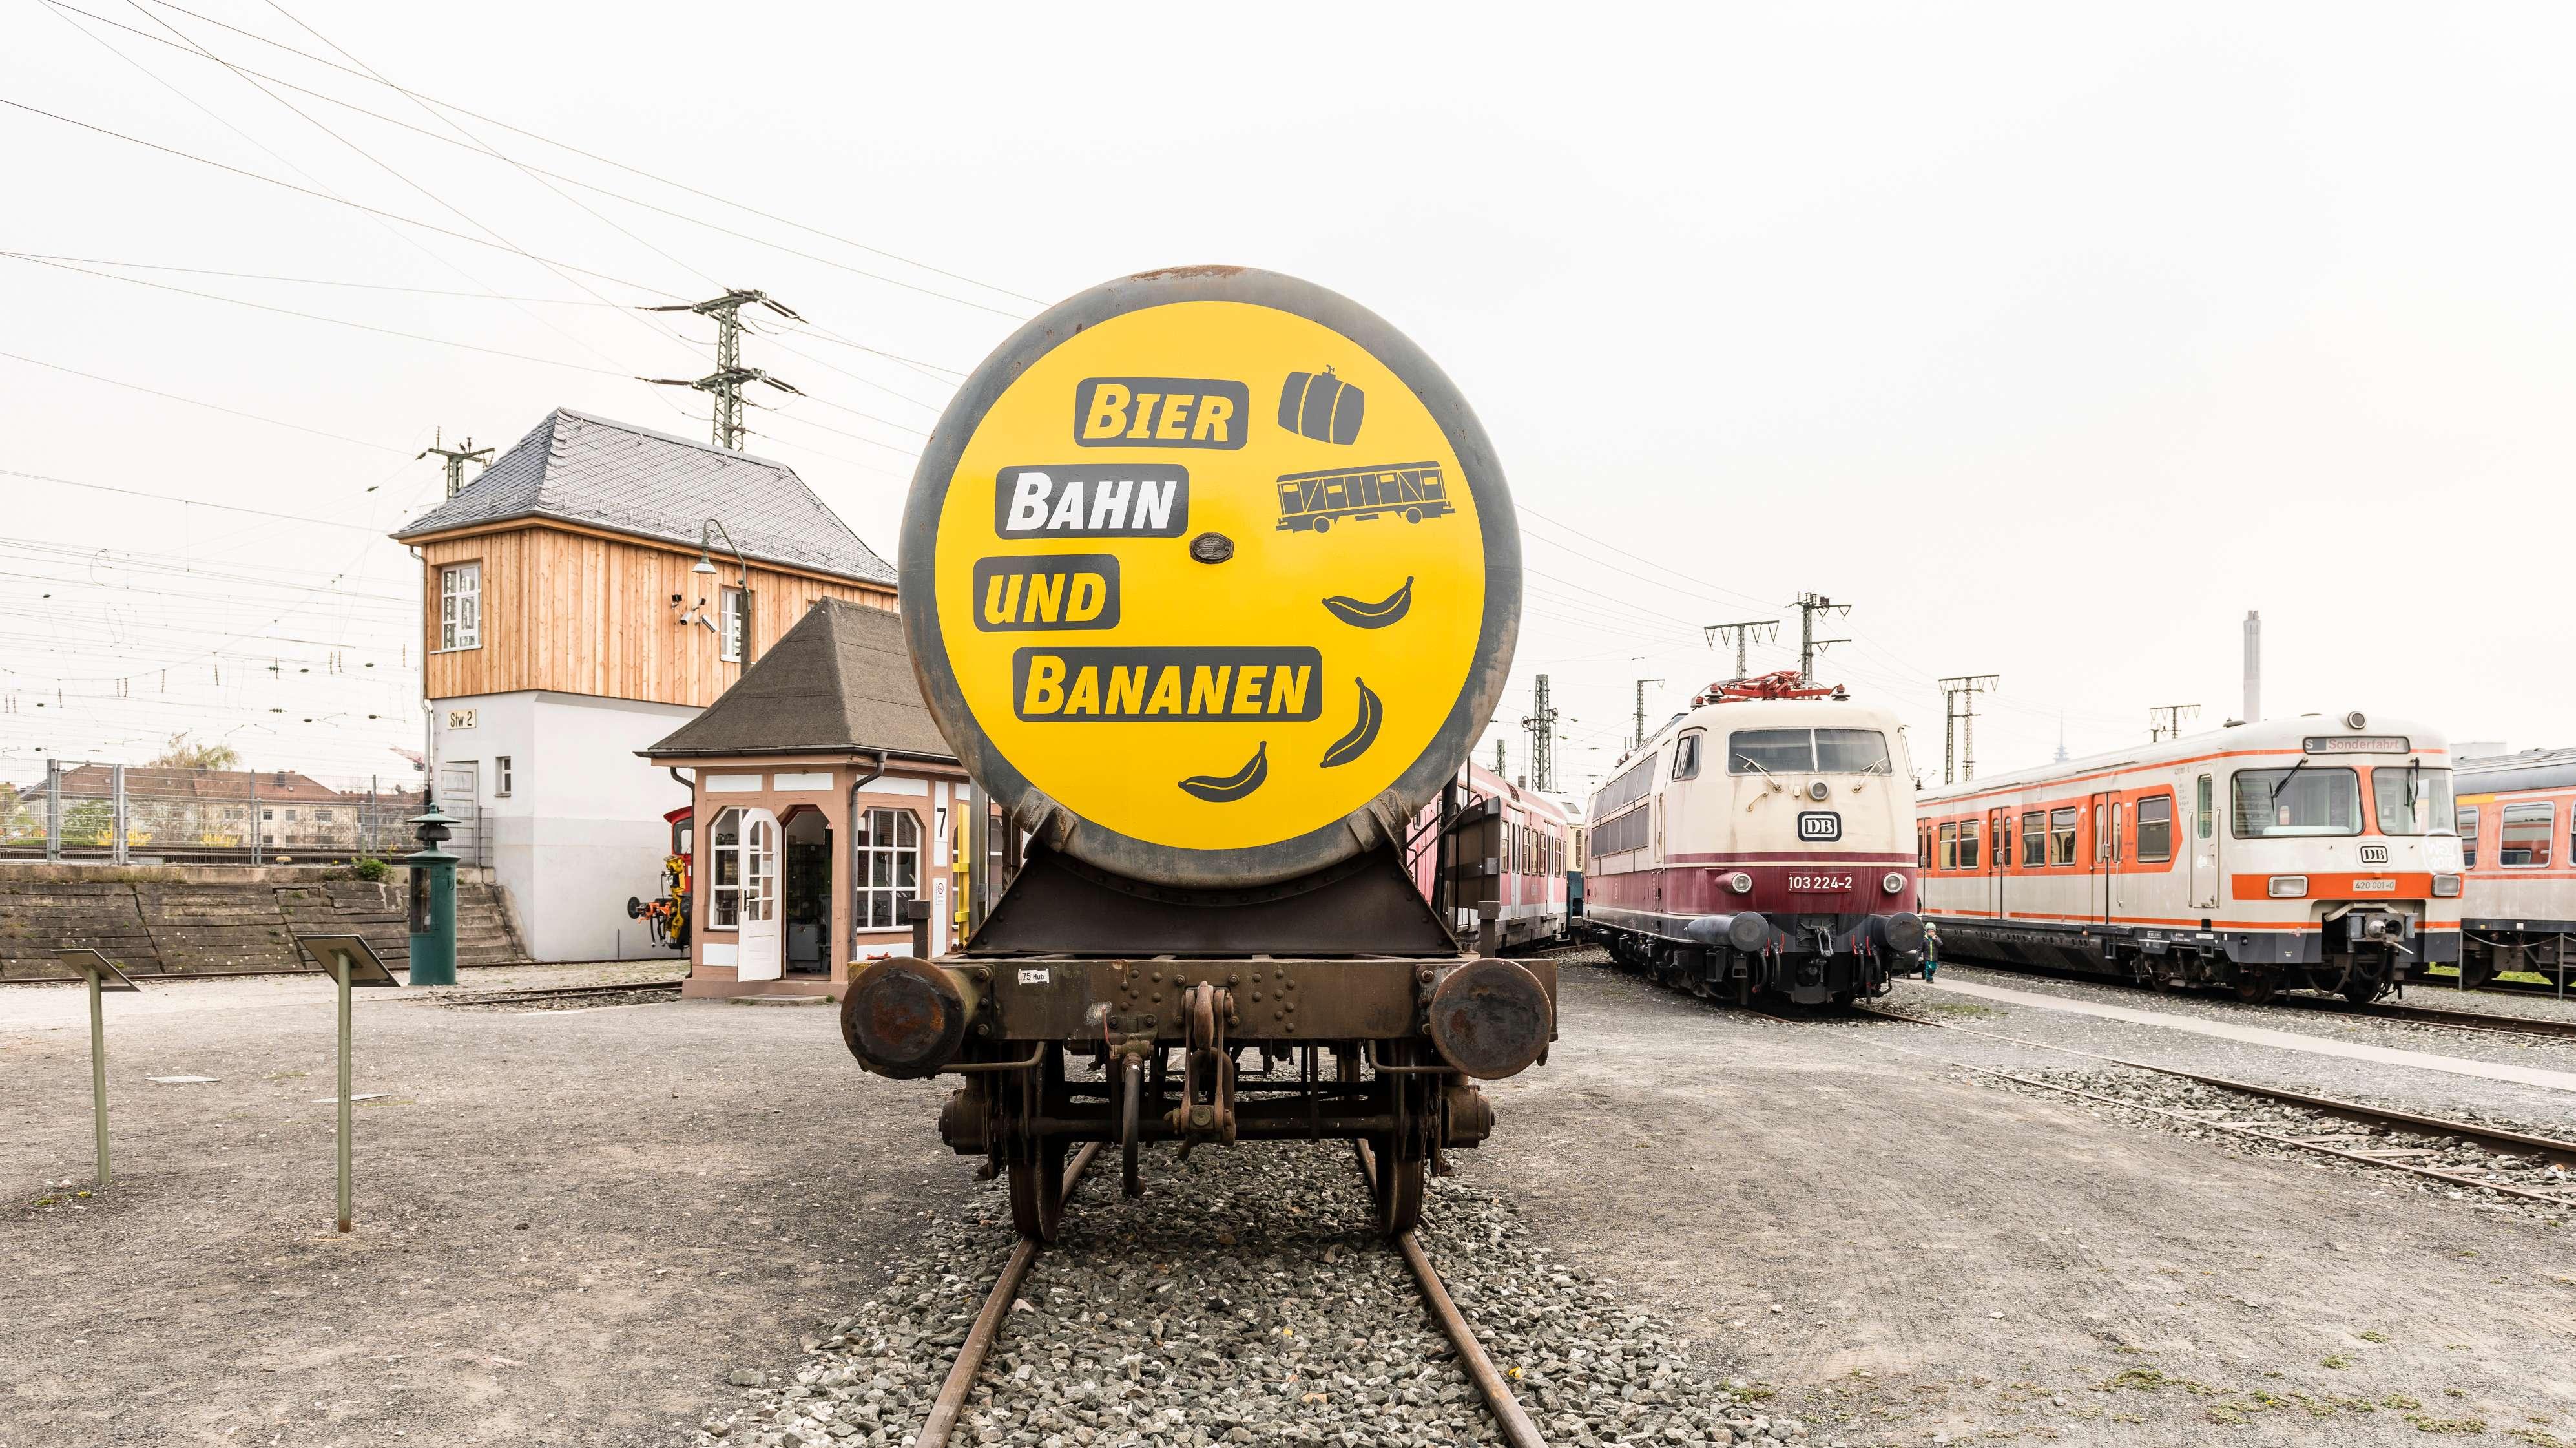 """Wagon zur Sonderausstellung """"Bier, Bahn und Bananen"""" auf dem Freigelände des DB-Museums Nürnberg"""